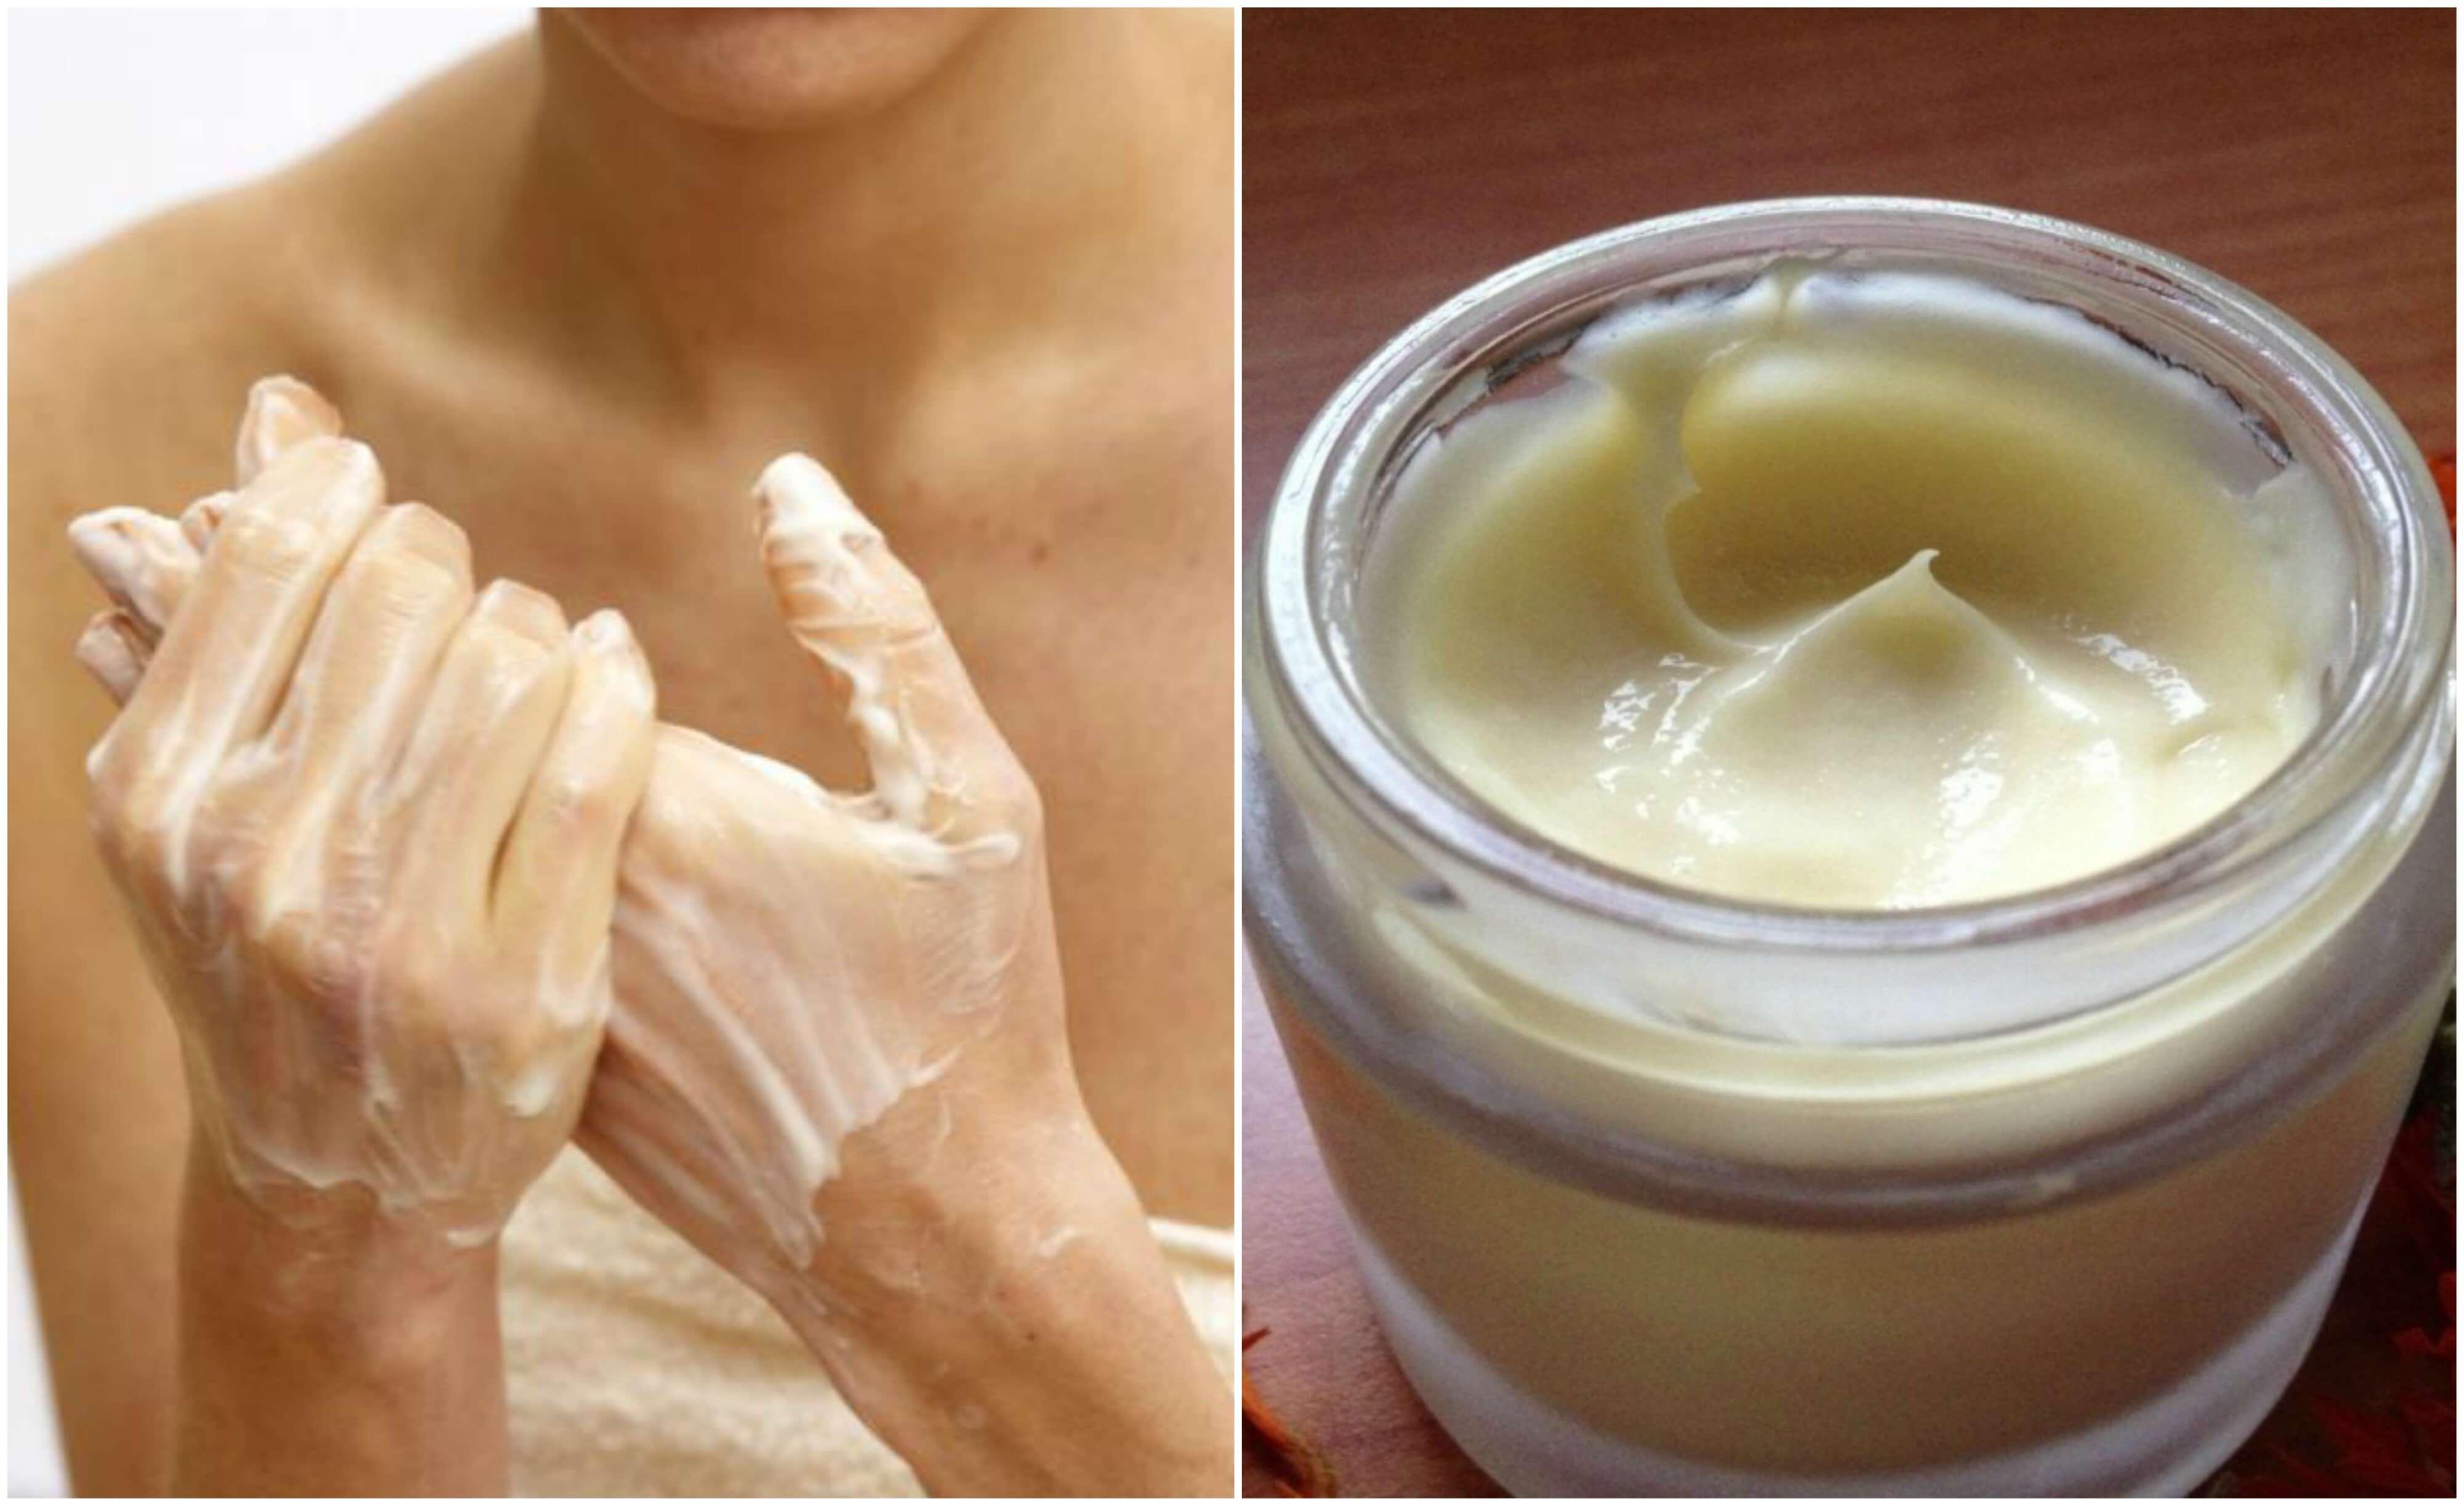 vieillissement des mains crèmes